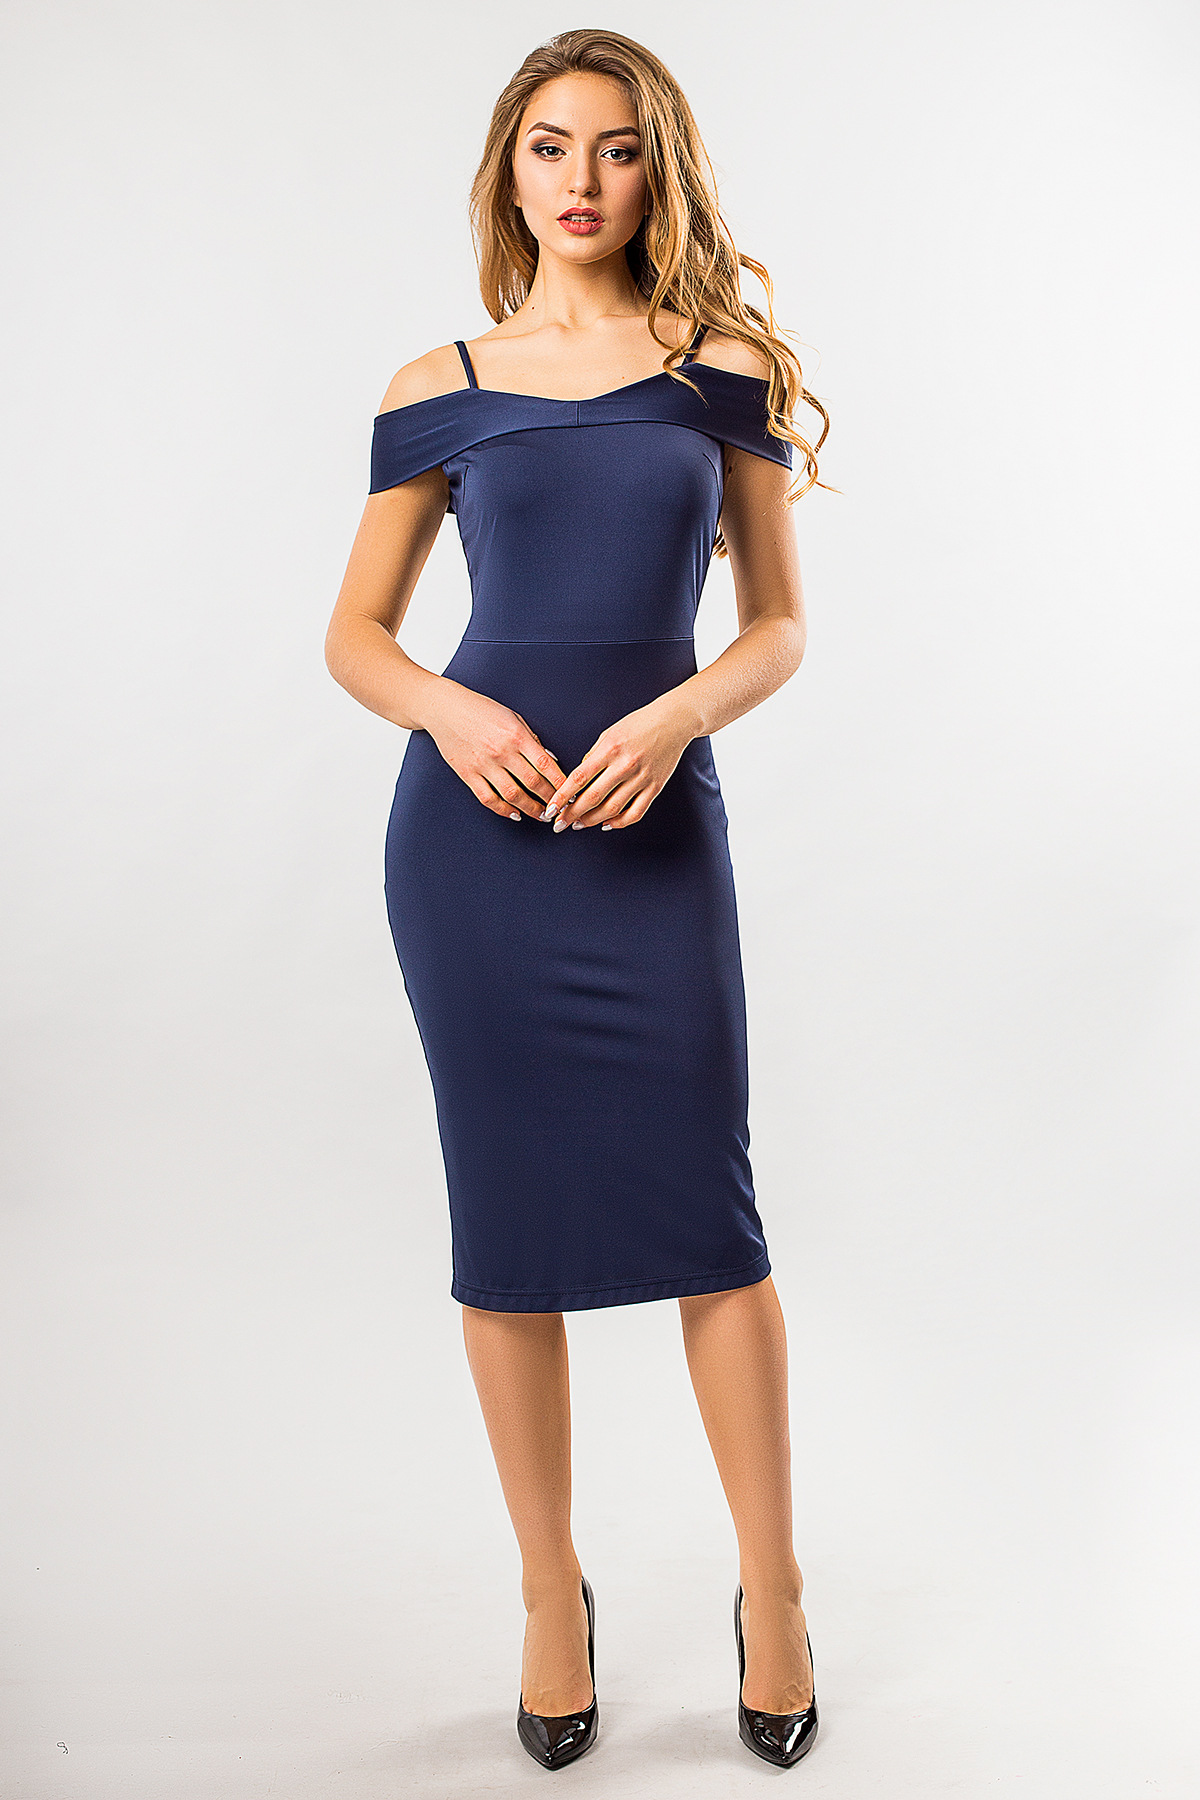 dark-blue-dress-shoulder-straps